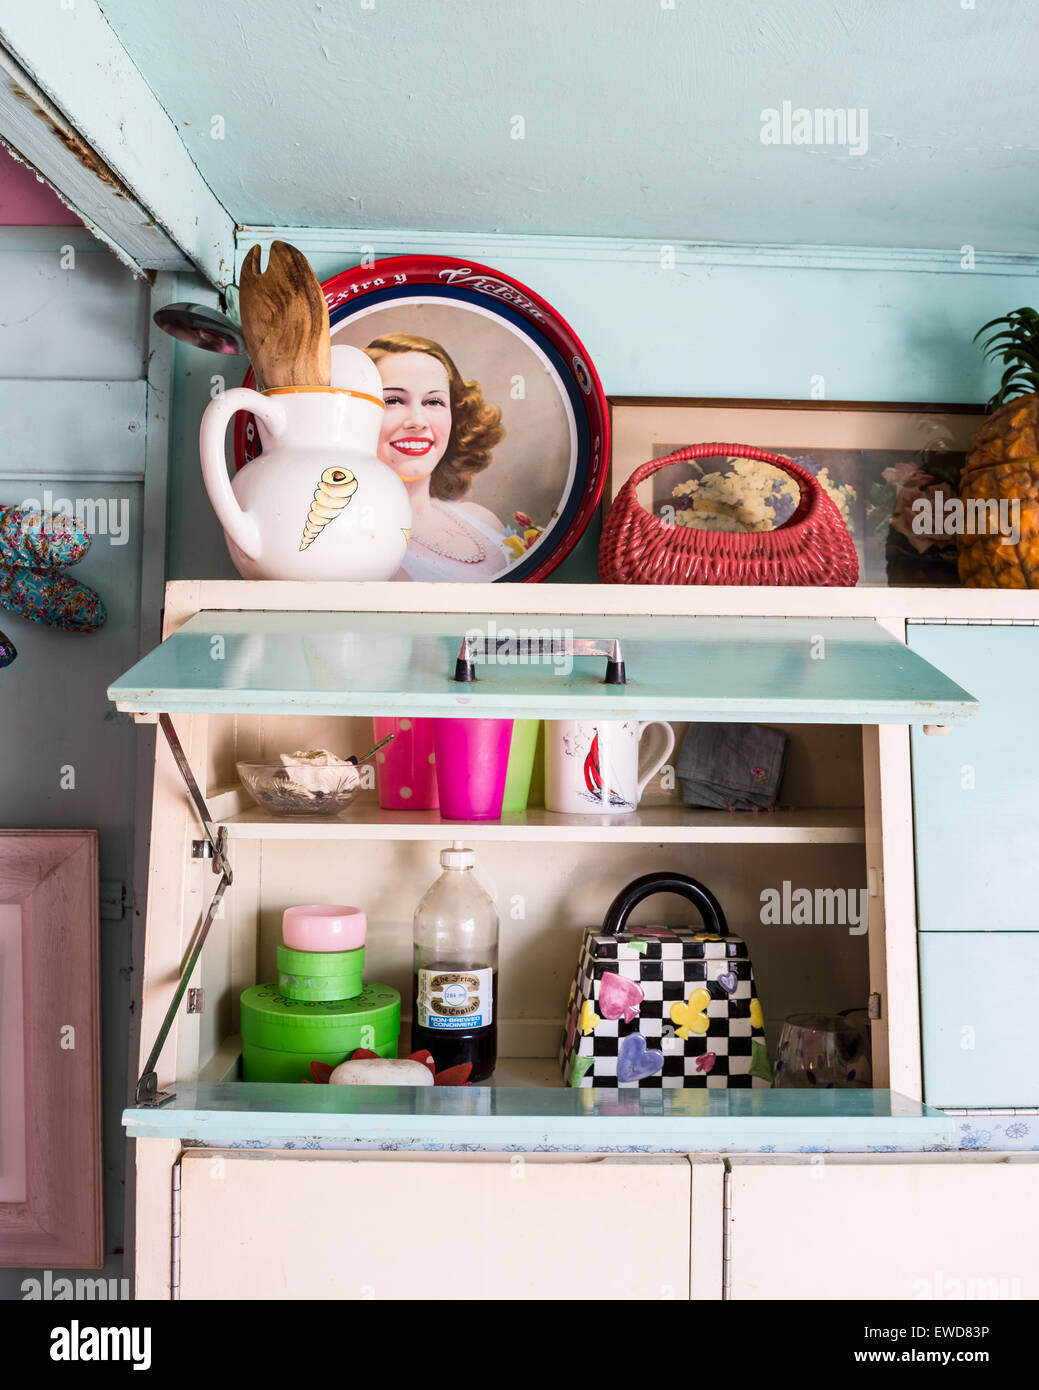 Selección de vajilla en estilo retro gabinete Imagen De Stock